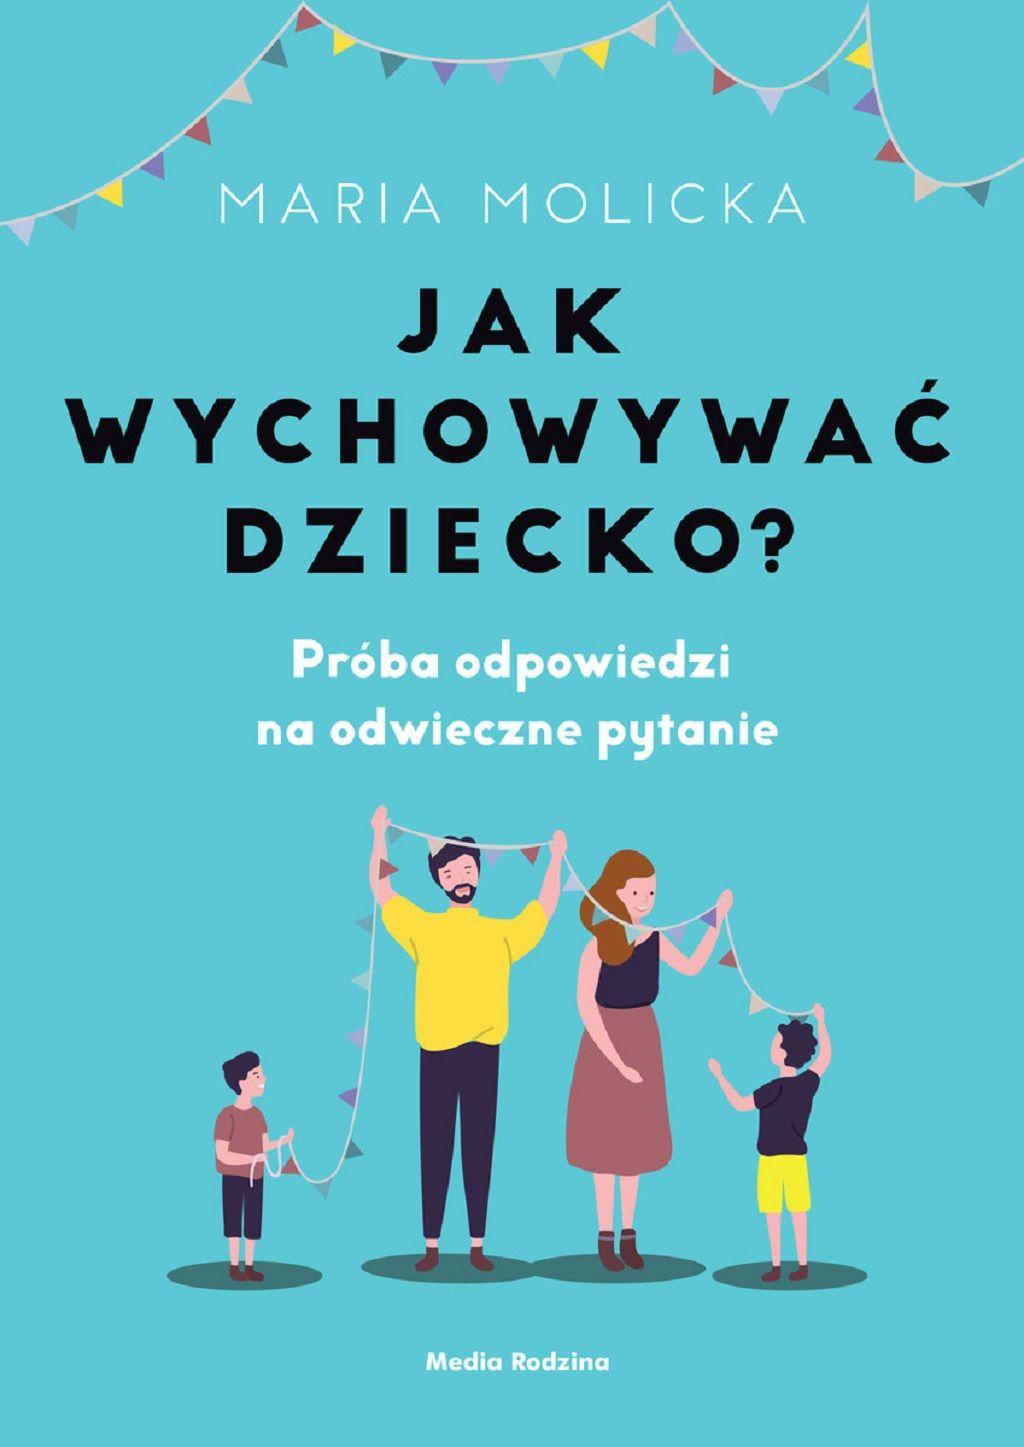 Maria Molicka – Jak wychowywać dziecko. Próba odpowiedzi na odwieczne pytanie